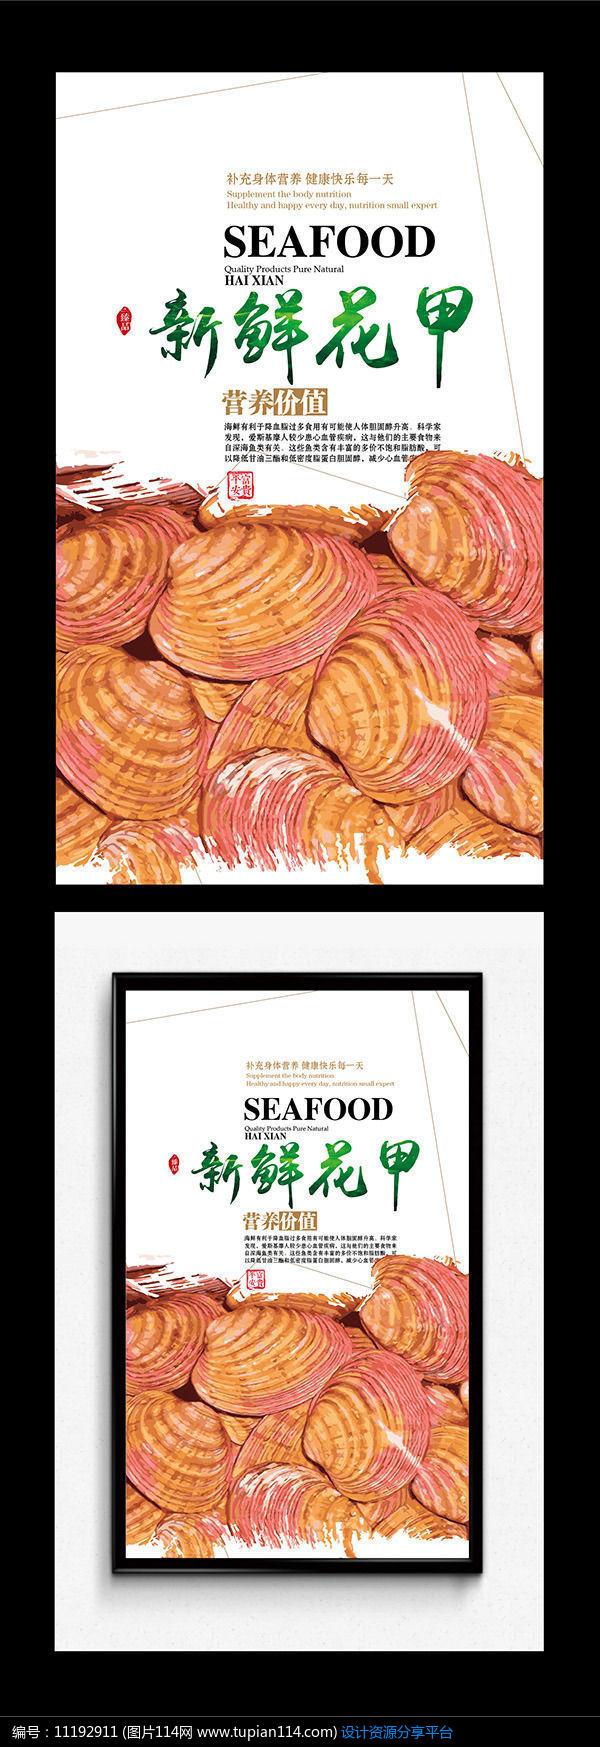 花甲食品海报设计素材免费下载_海报设计ai_图片114